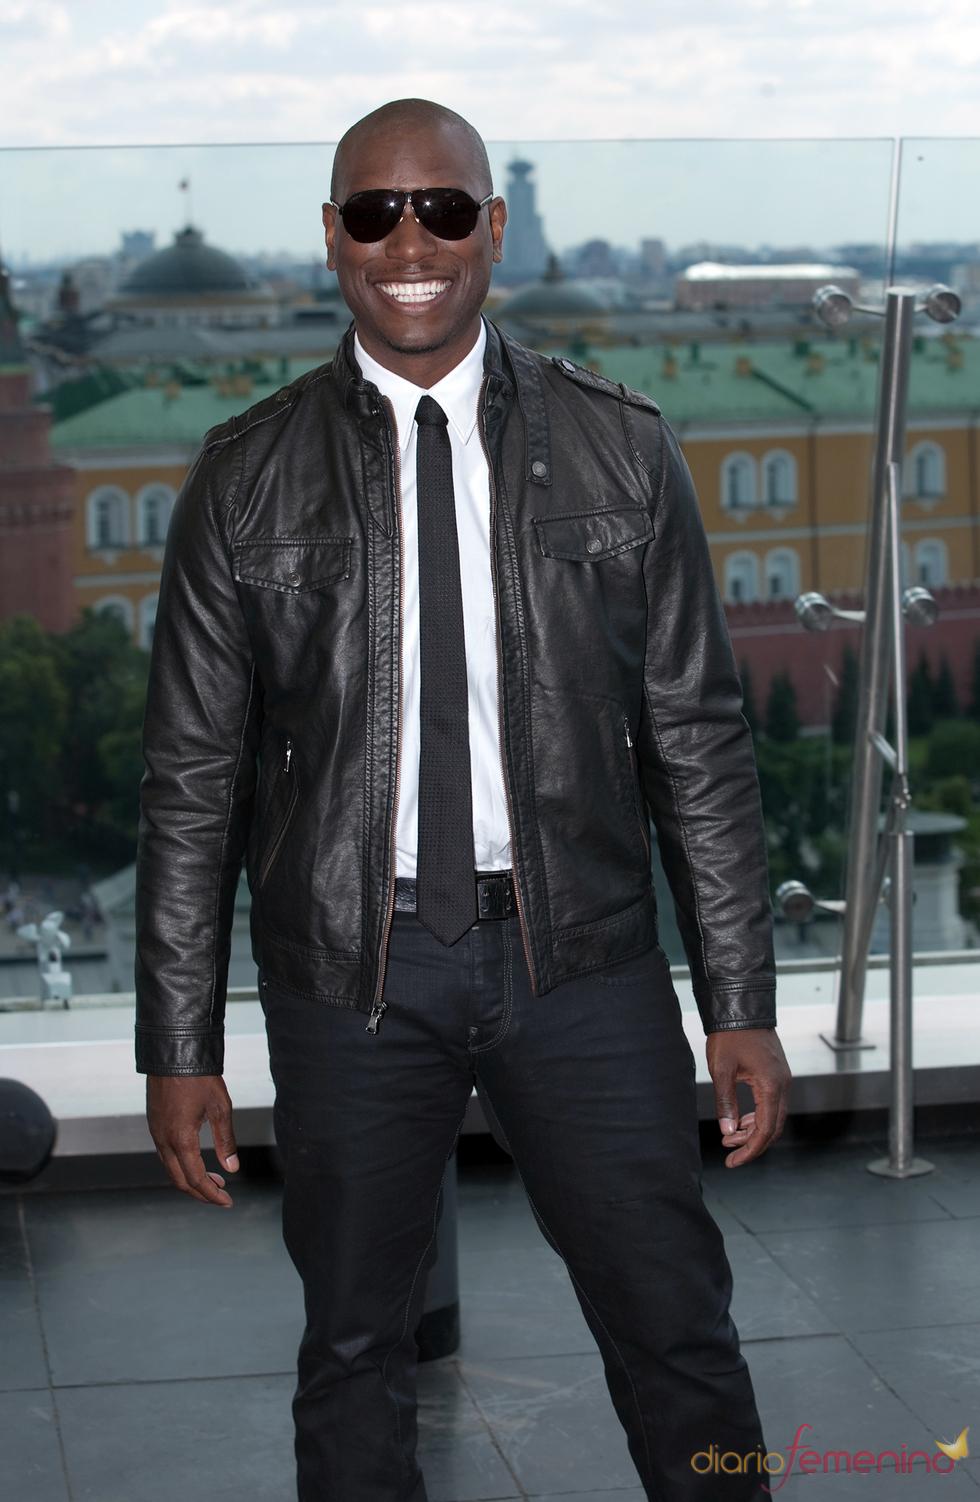 Tyrese Gibson en el photocall de la premier de 'Transformers 3' en Moscú